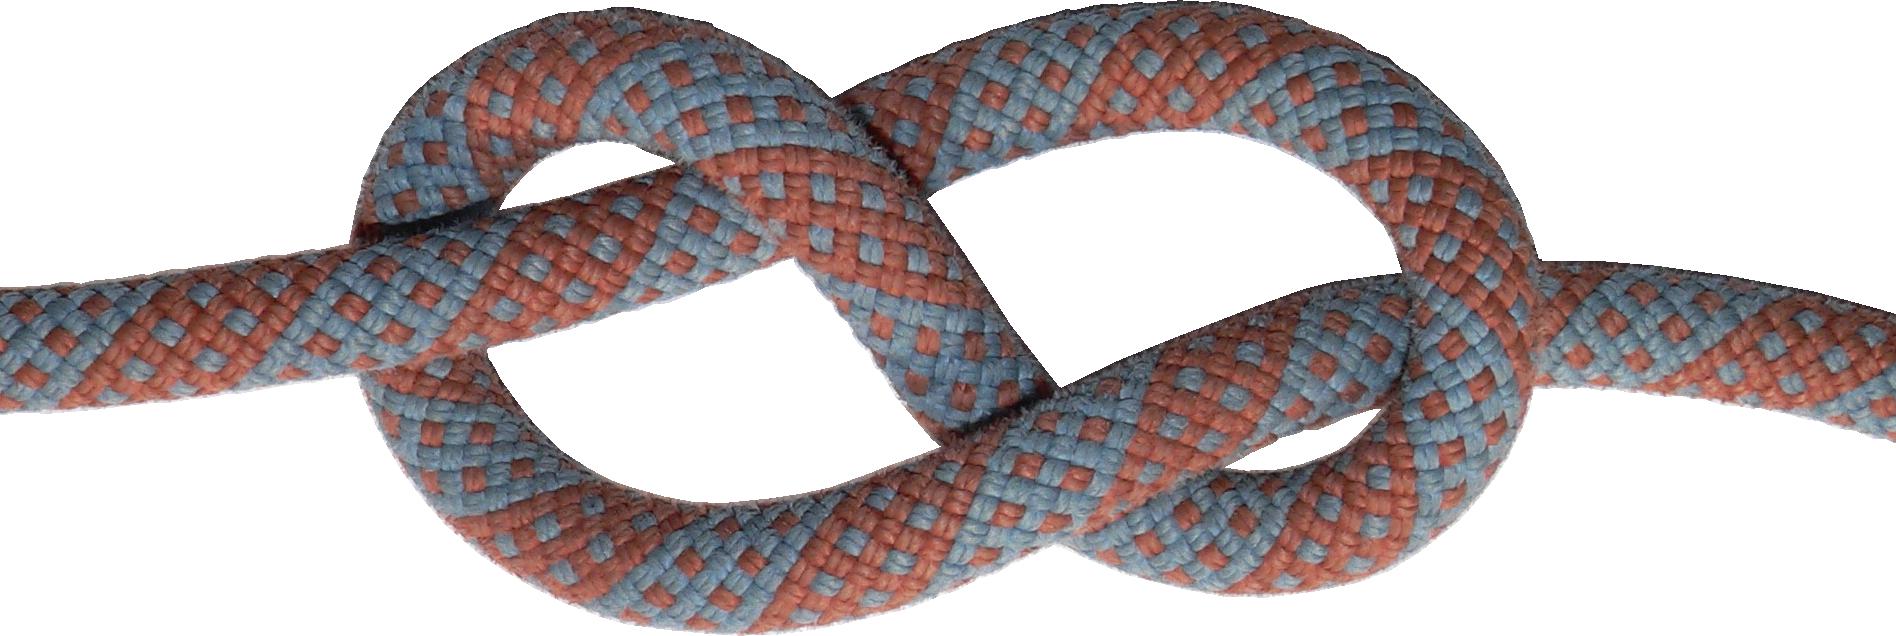 Knot  Wikipedia